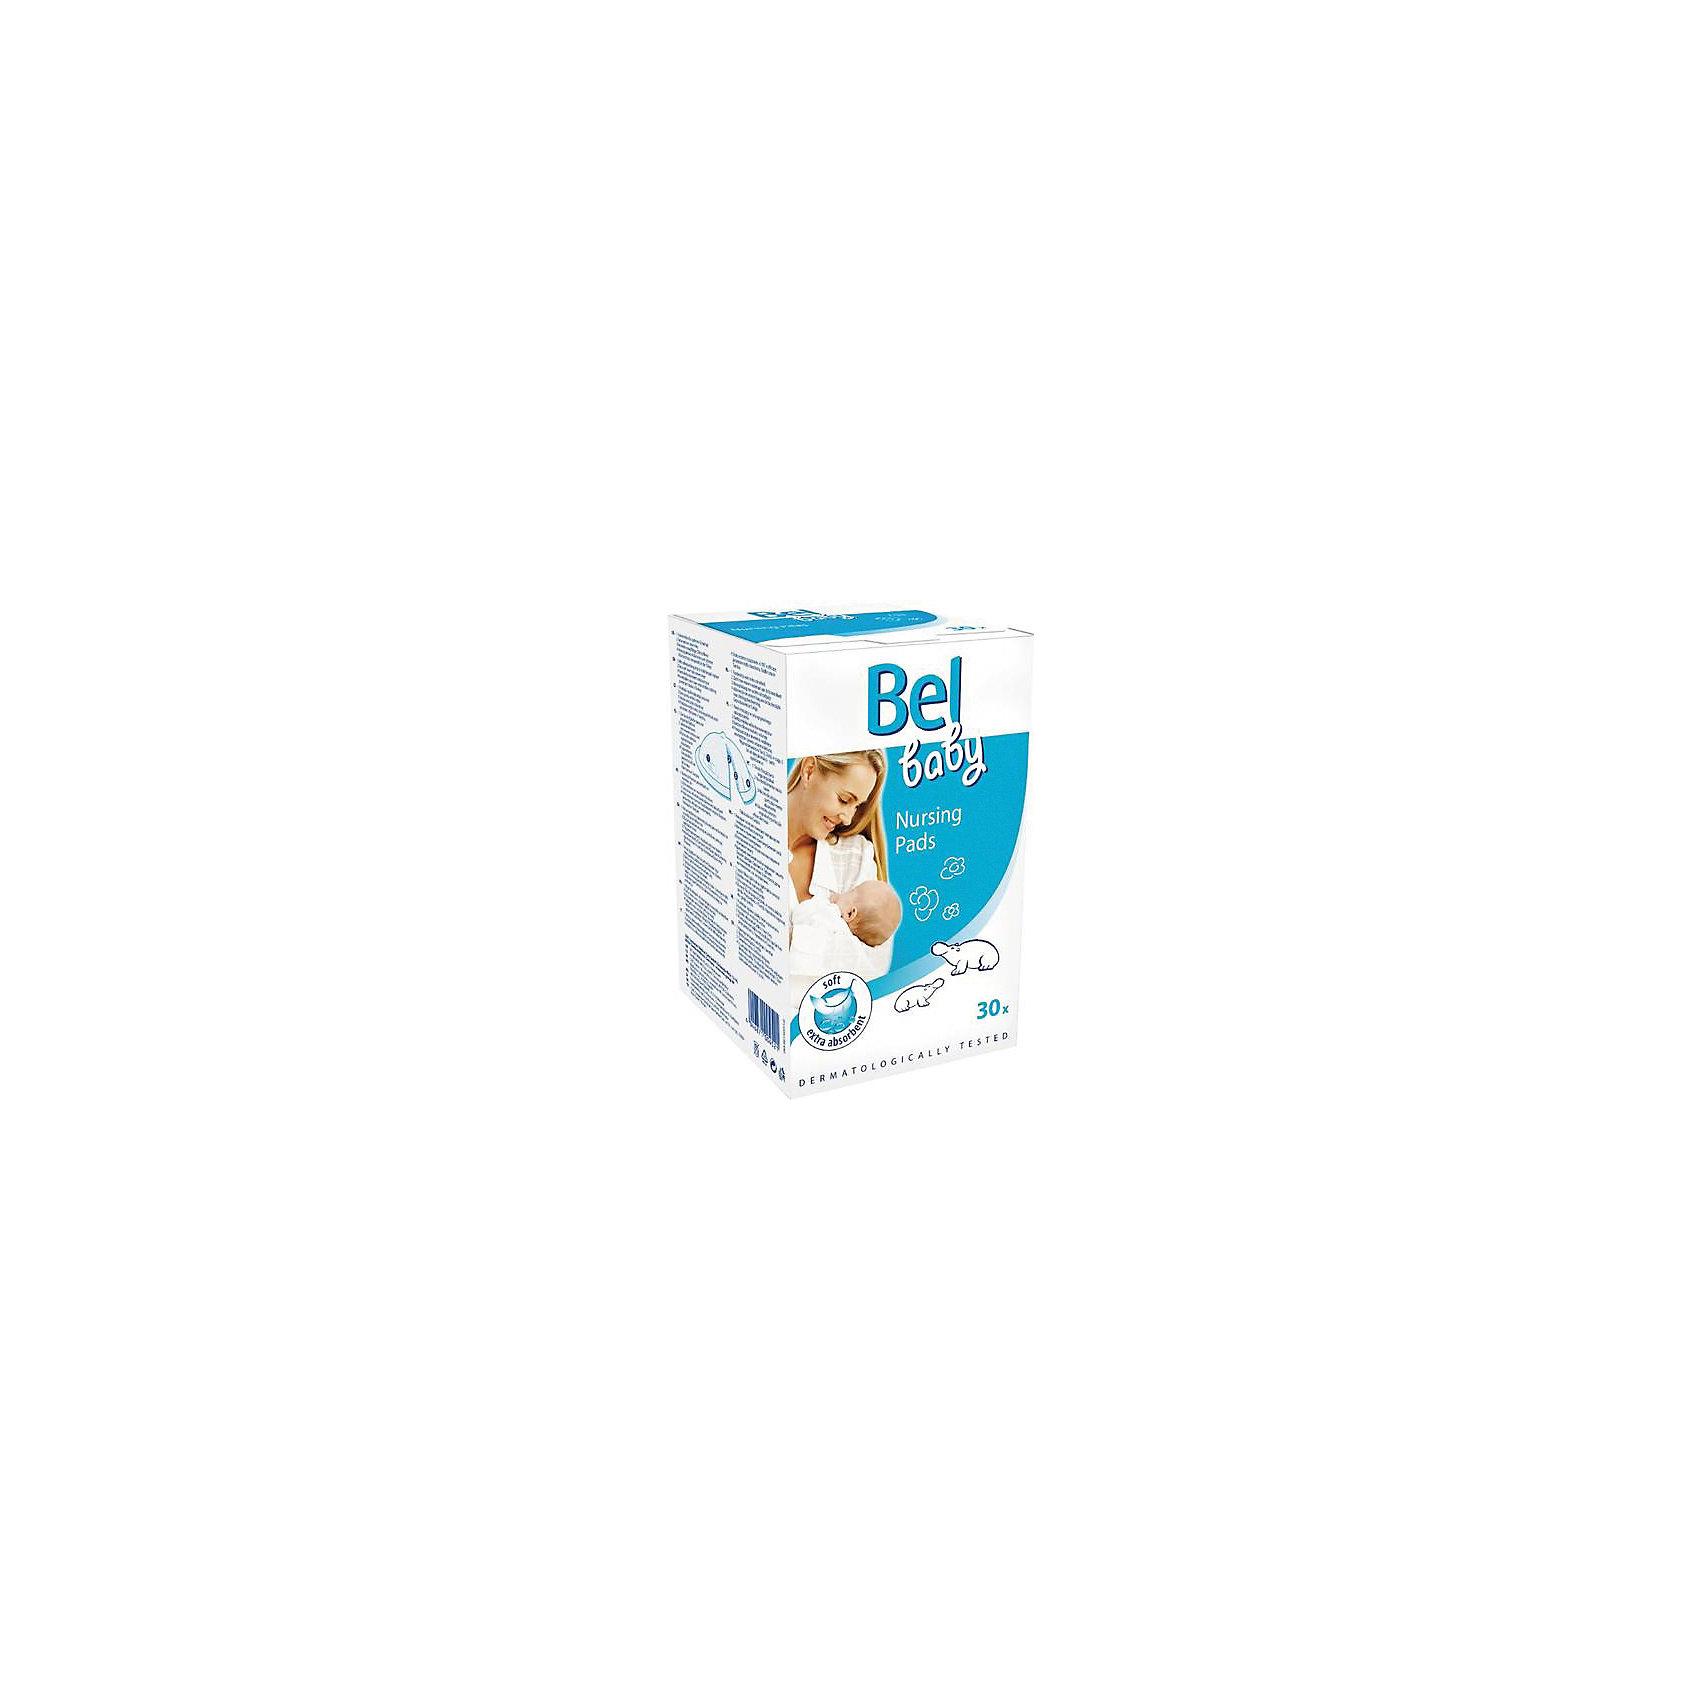 Вкаладыши в бюстгальтер Bel Baby, 30шт., HartmannВкладыши для бюстгальтера Hartmann Bel Baby Padsпредназначены для защиты белья и кожи сосков в период лактации. Вкладыши анатомической формы изготовлены из мягкого нетканого текстильного материала. Вкладыши для кормящих мам следует менять при каждом кормлении.<br><br>Ширина мм: 120<br>Глубина мм: 220<br>Высота мм: 150<br>Вес г: 100<br>Возраст от месяцев: 216<br>Возраст до месяцев: 1188<br>Пол: Унисекс<br>Возраст: Детский<br>SKU: 4796674